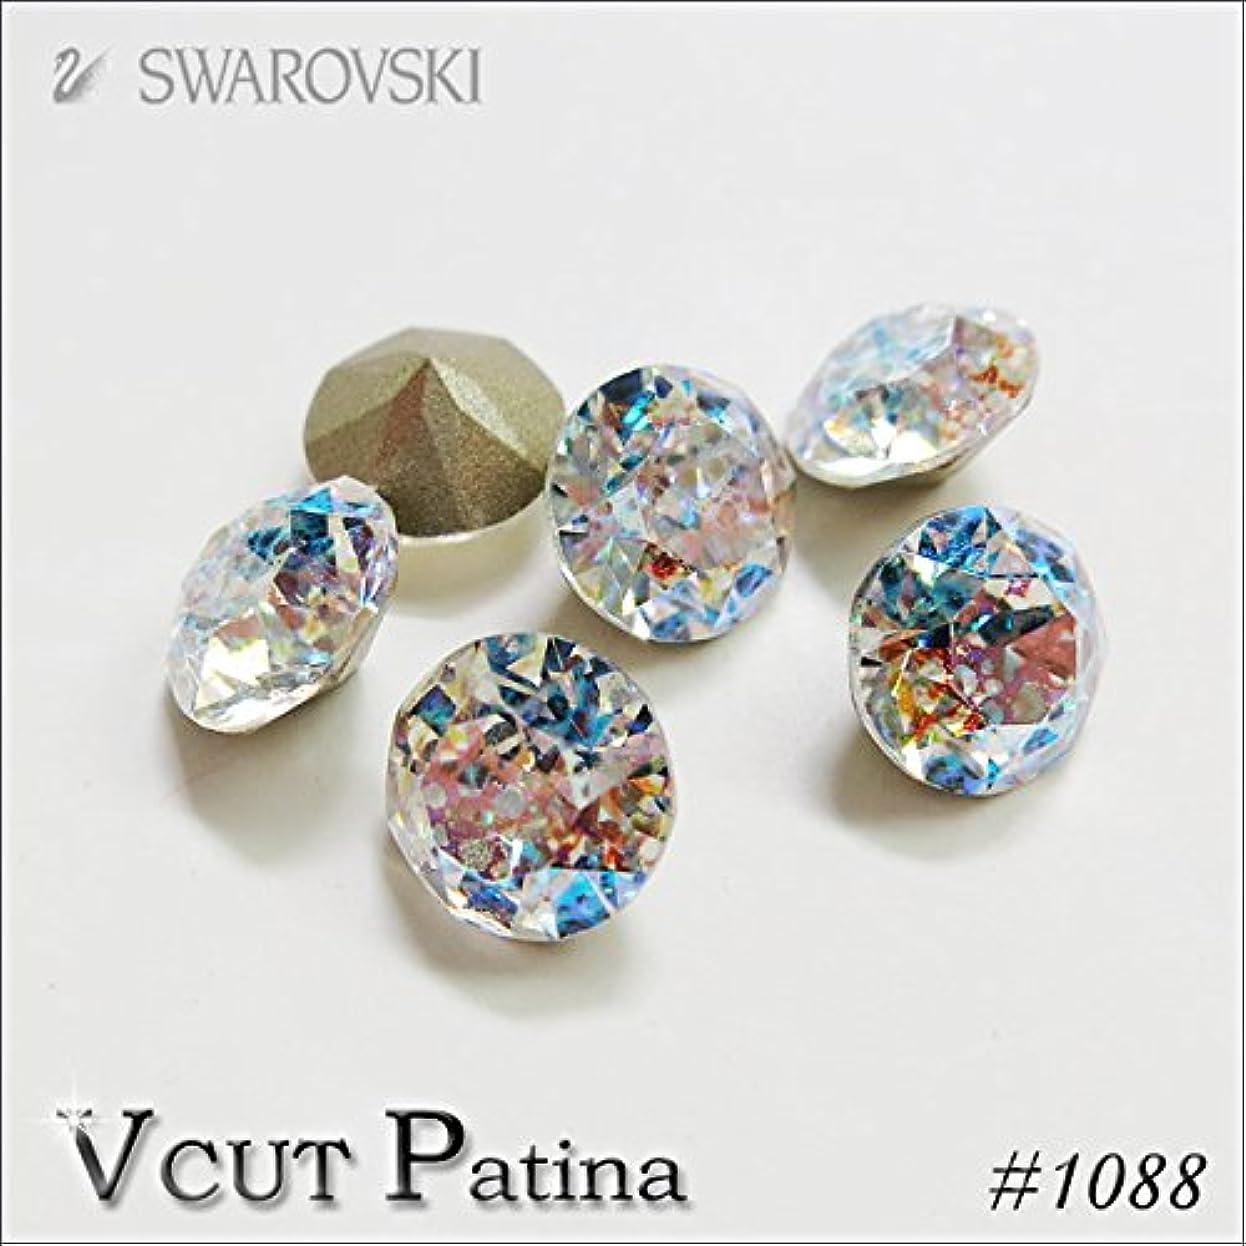 であるケープ付けるスワロフスキー Vカット(埋込型)#1088 ●パティナシリーズ● クリスタルホワイトパティナ ss24(約5.2mm) 4粒入